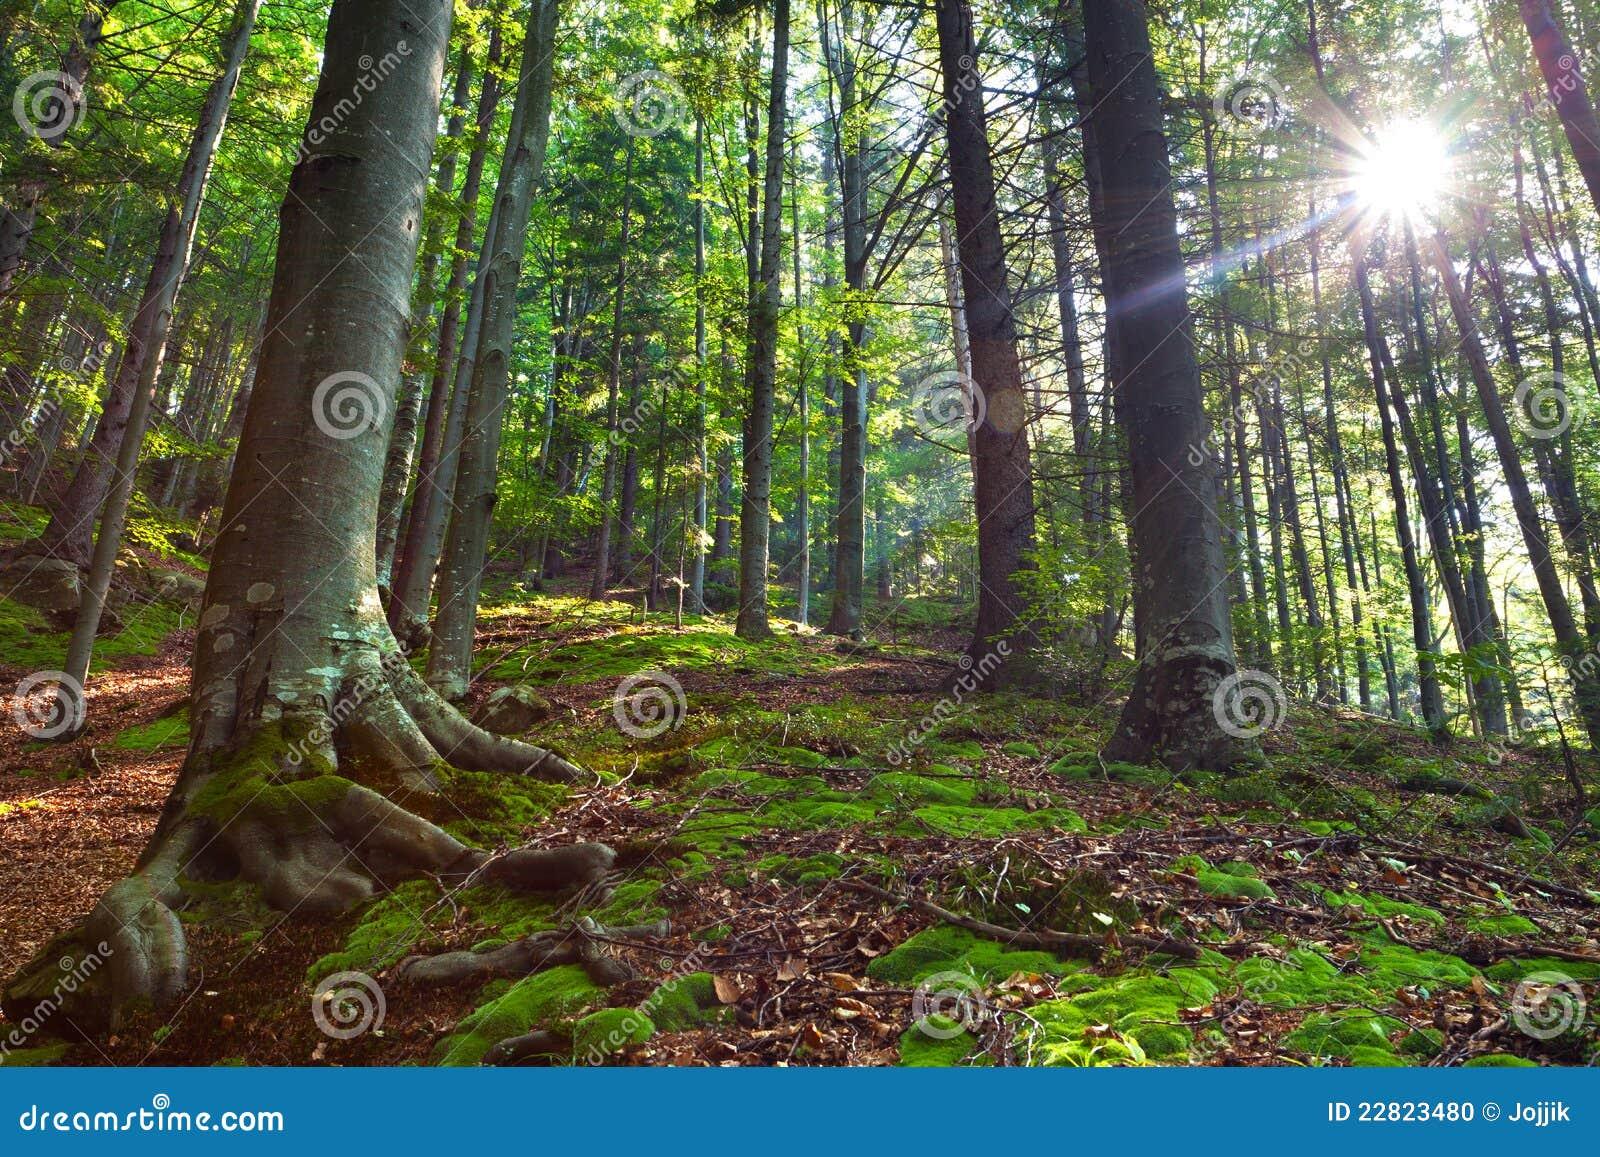 Morgen im mystischen Holz